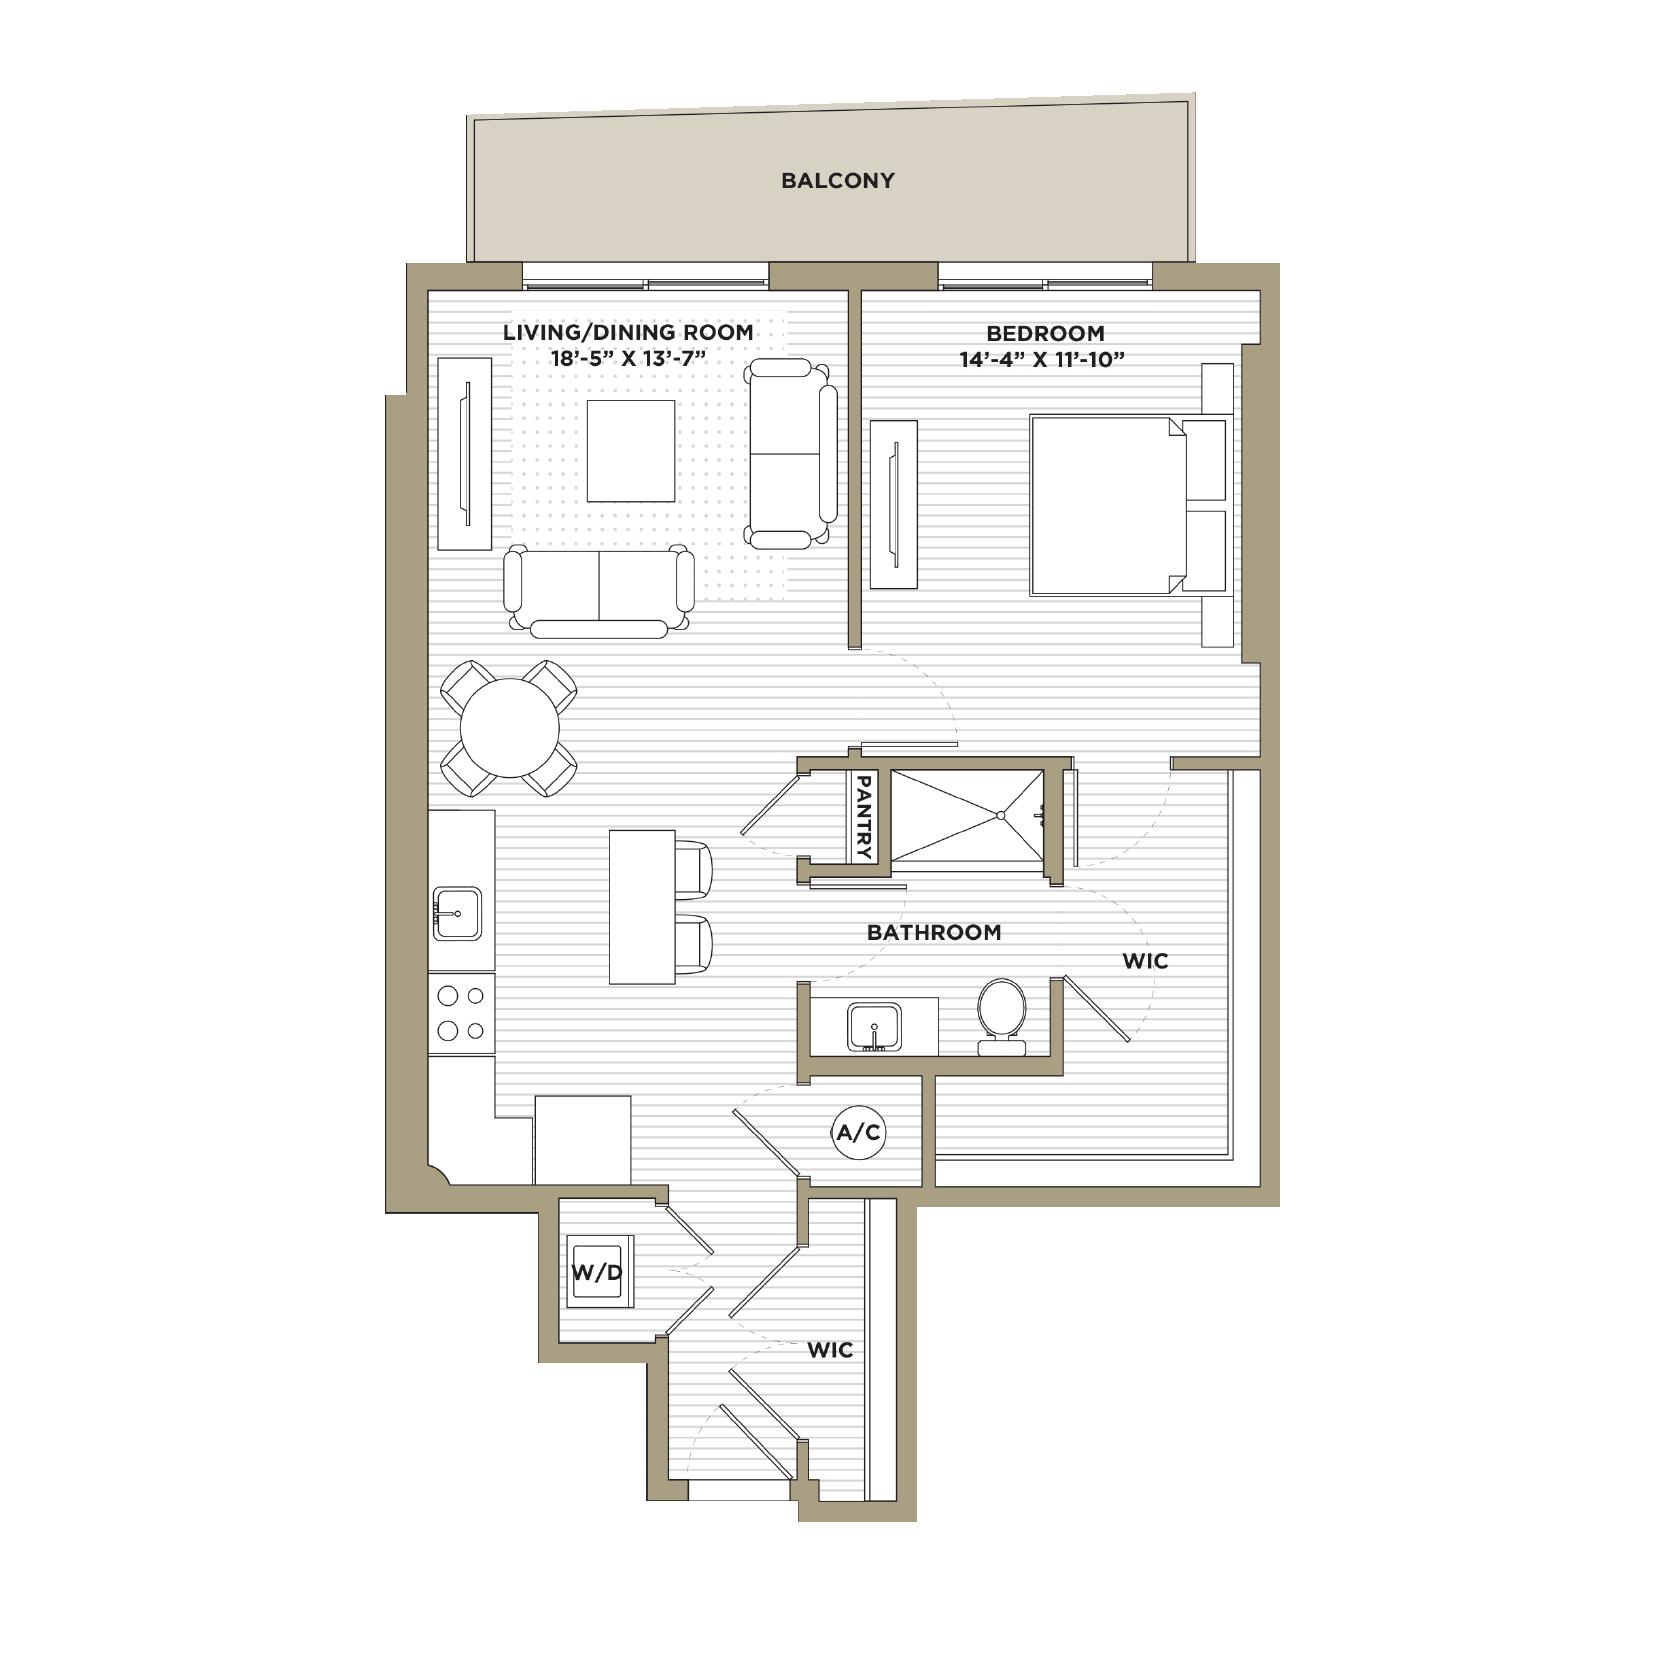 A2A / A16 - 1 Bedroom / 1 Bathroom889 / 898 sq. ft.